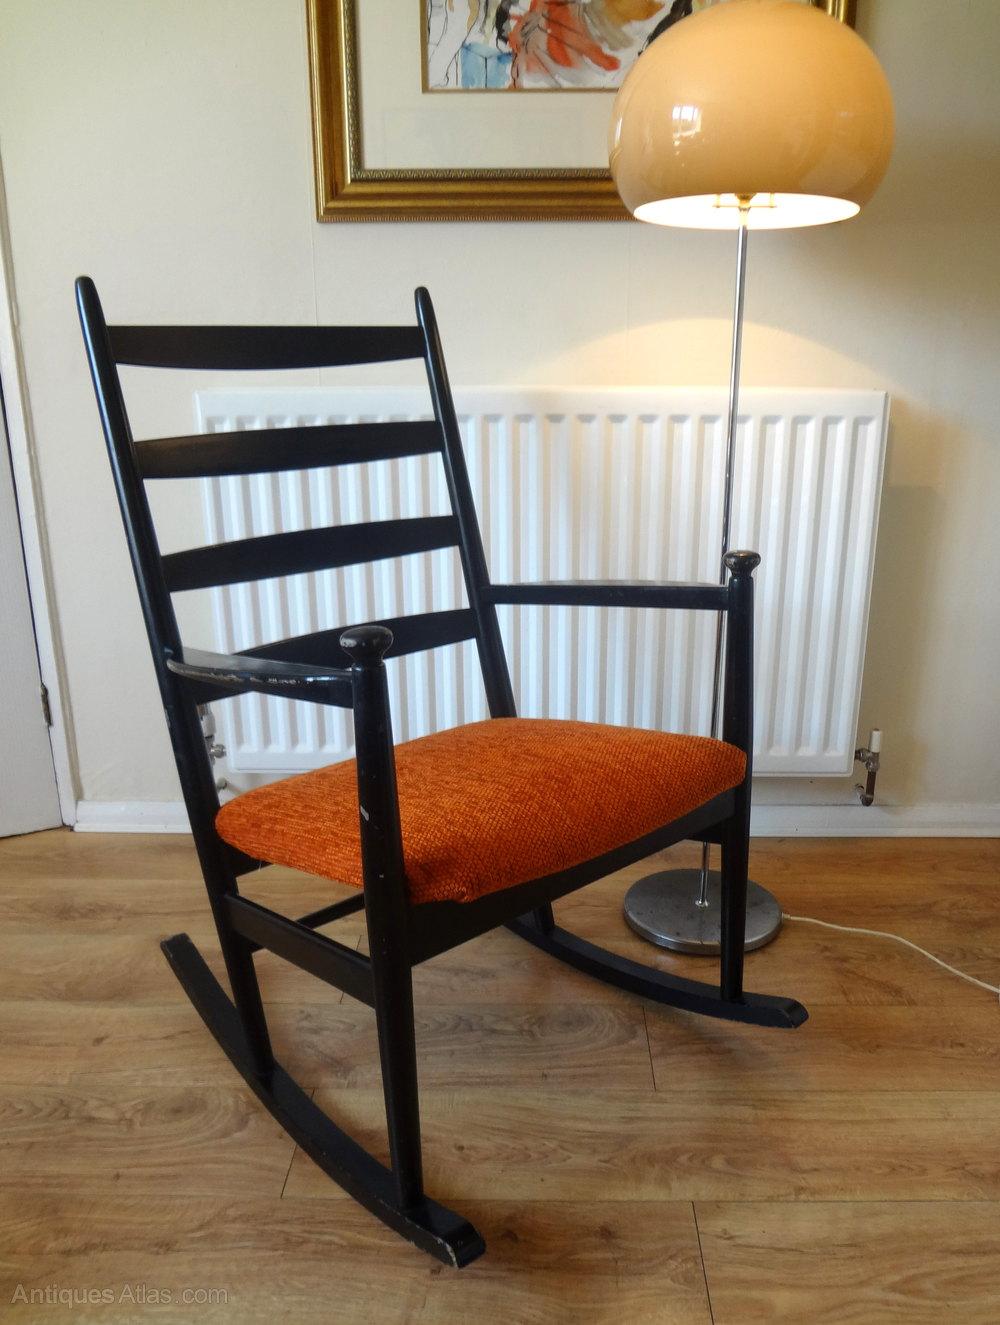 Antiques Atlas  Retro Danish Rocking Chair